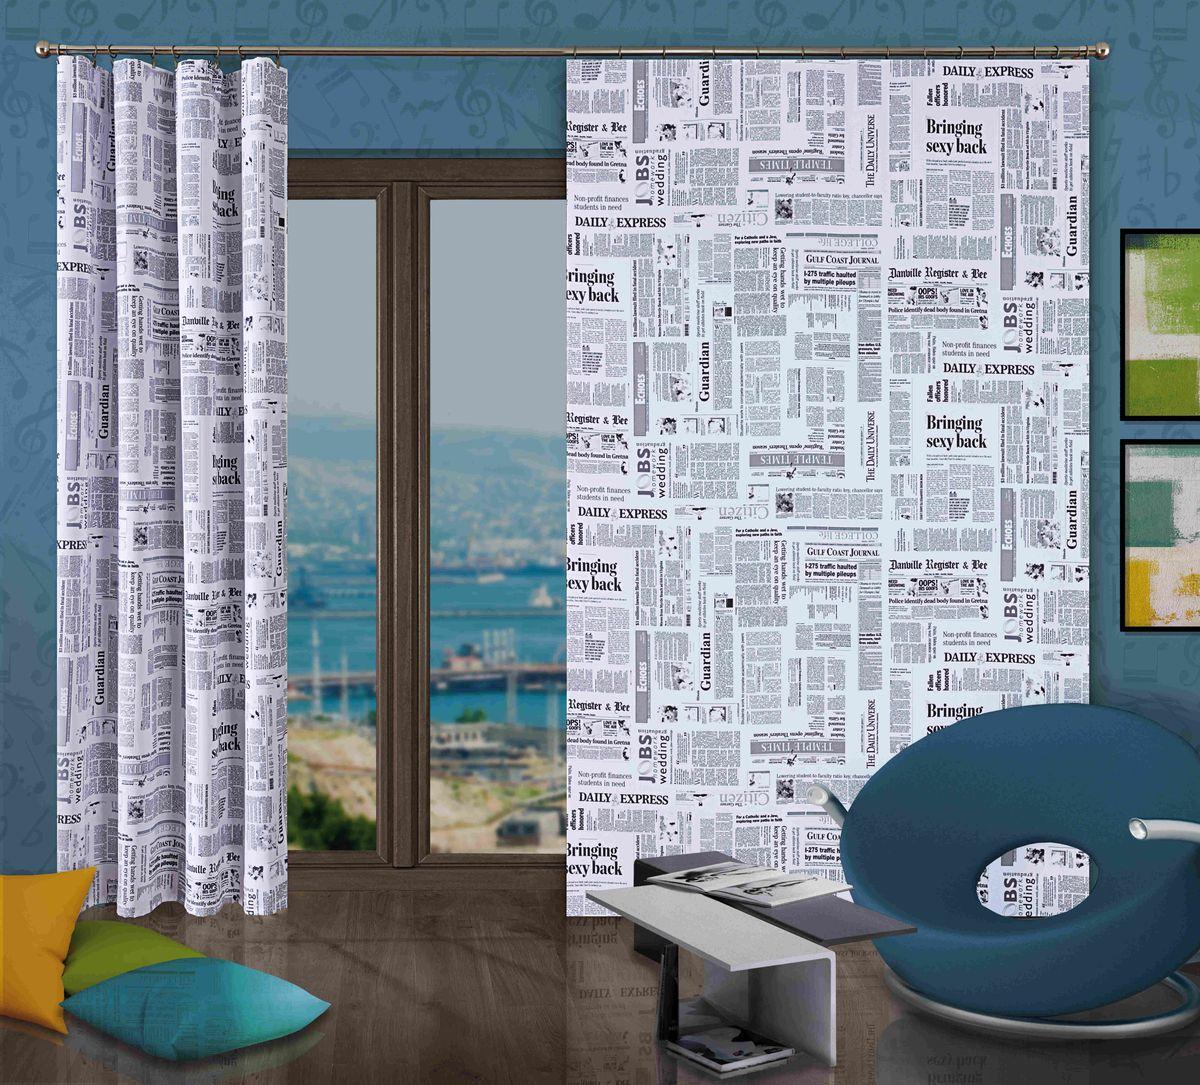 Комплект гардин-панно Wisan Gazeta, на ленте, цвет: белый, черный, высота 250 смE129Комплект гардин-панно Wisan Gazeta, изготовленный из полиэстера, станет великолепным украшением любого окна. В комплект входят 2 белые гардины с изображением газетных статей.Качественный материал, оригинальный дизайн и приятная цветовая гамма привлекут к себе внимание и органично впишутся в интерьер. Комплект оснащен шторной лентой для красивой сборки.Размер гардин-панно: 150 см х 250 см.Фирма Wisan на польском рынке существует уже более пятидесяти лет и является одной из лучших польских фабрик по производству штор и тканей. Ассортимент фирмы представлен готовыми комплектами штор для гостиной, детской, кухни, а также текстилем для кухни (скатерти, салфетки, дорожки, кухонные занавески). Модельный ряд отличает оригинальный дизайн, высокое качество. Ассортимент продукции постоянно пополняется.